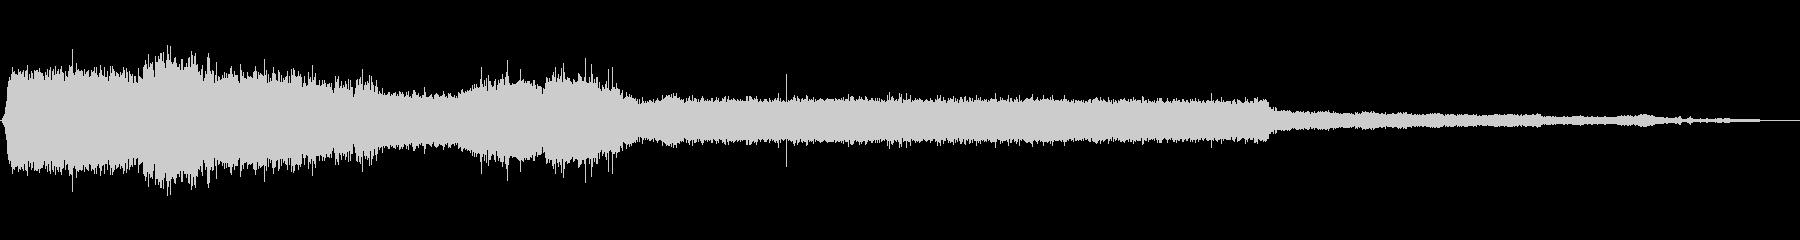 ベル206:INT:陸地、アイドル...の未再生の波形